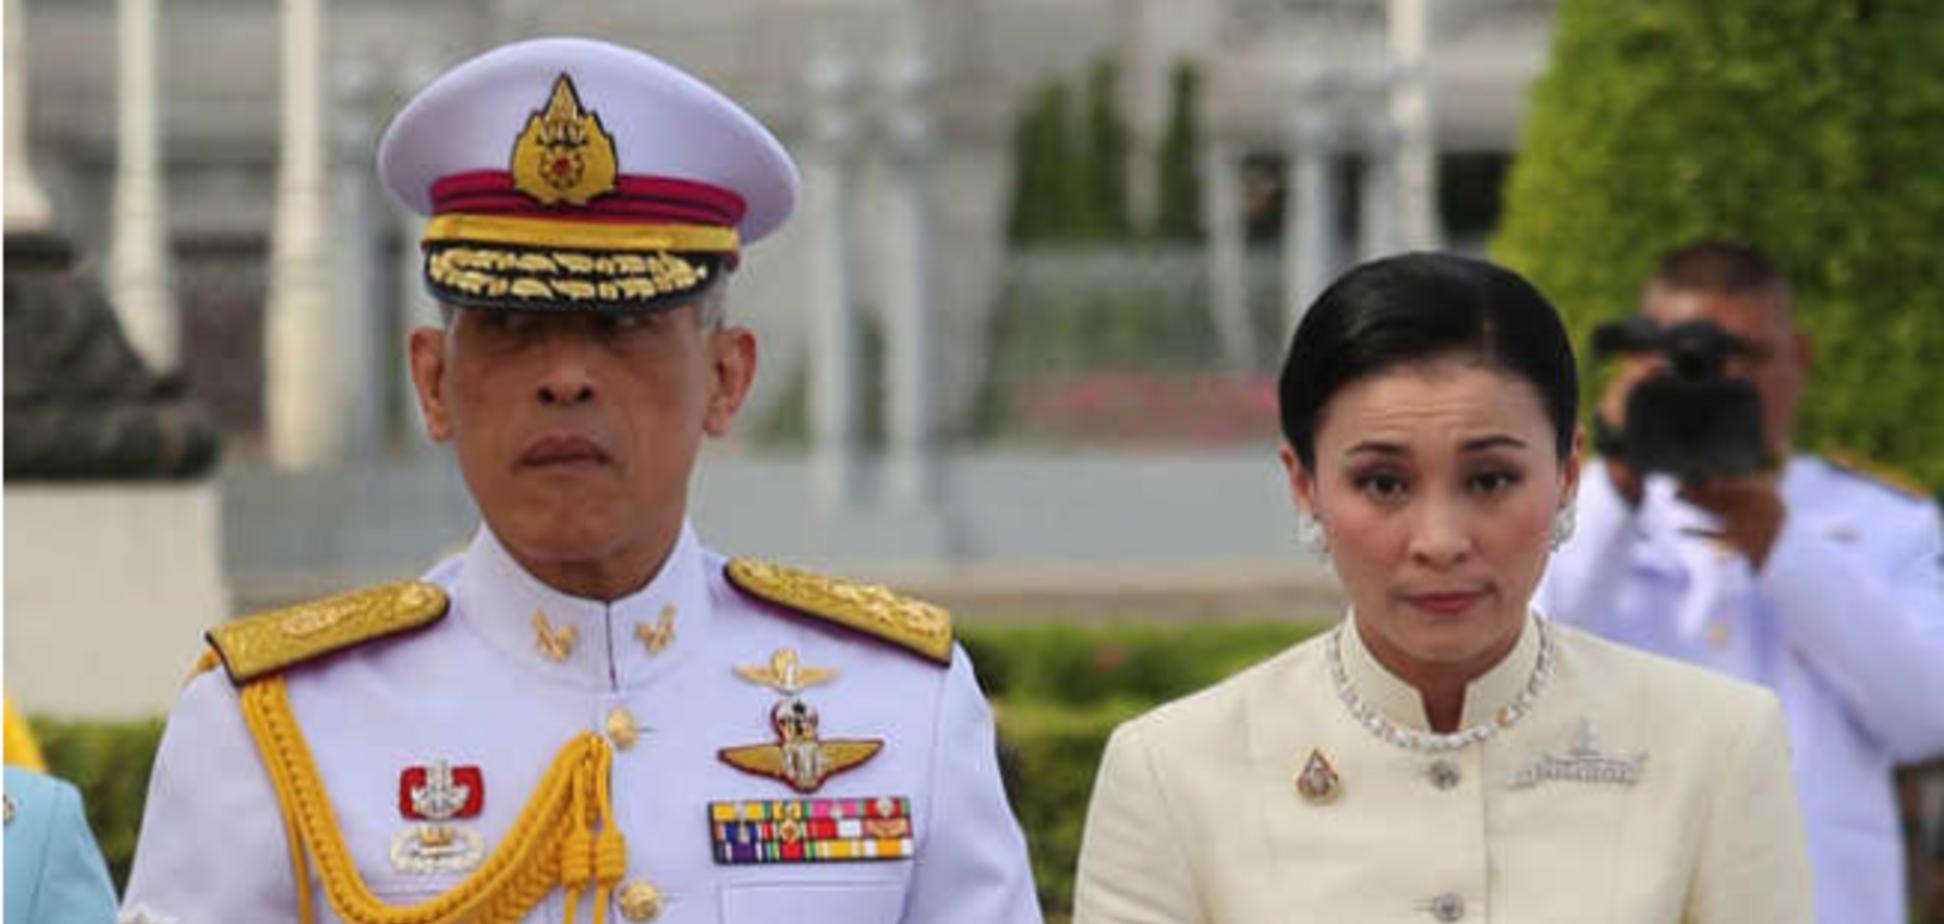 Король Таїланду ізольований в розкішному готелі з 20 коханками: вражаючі фото